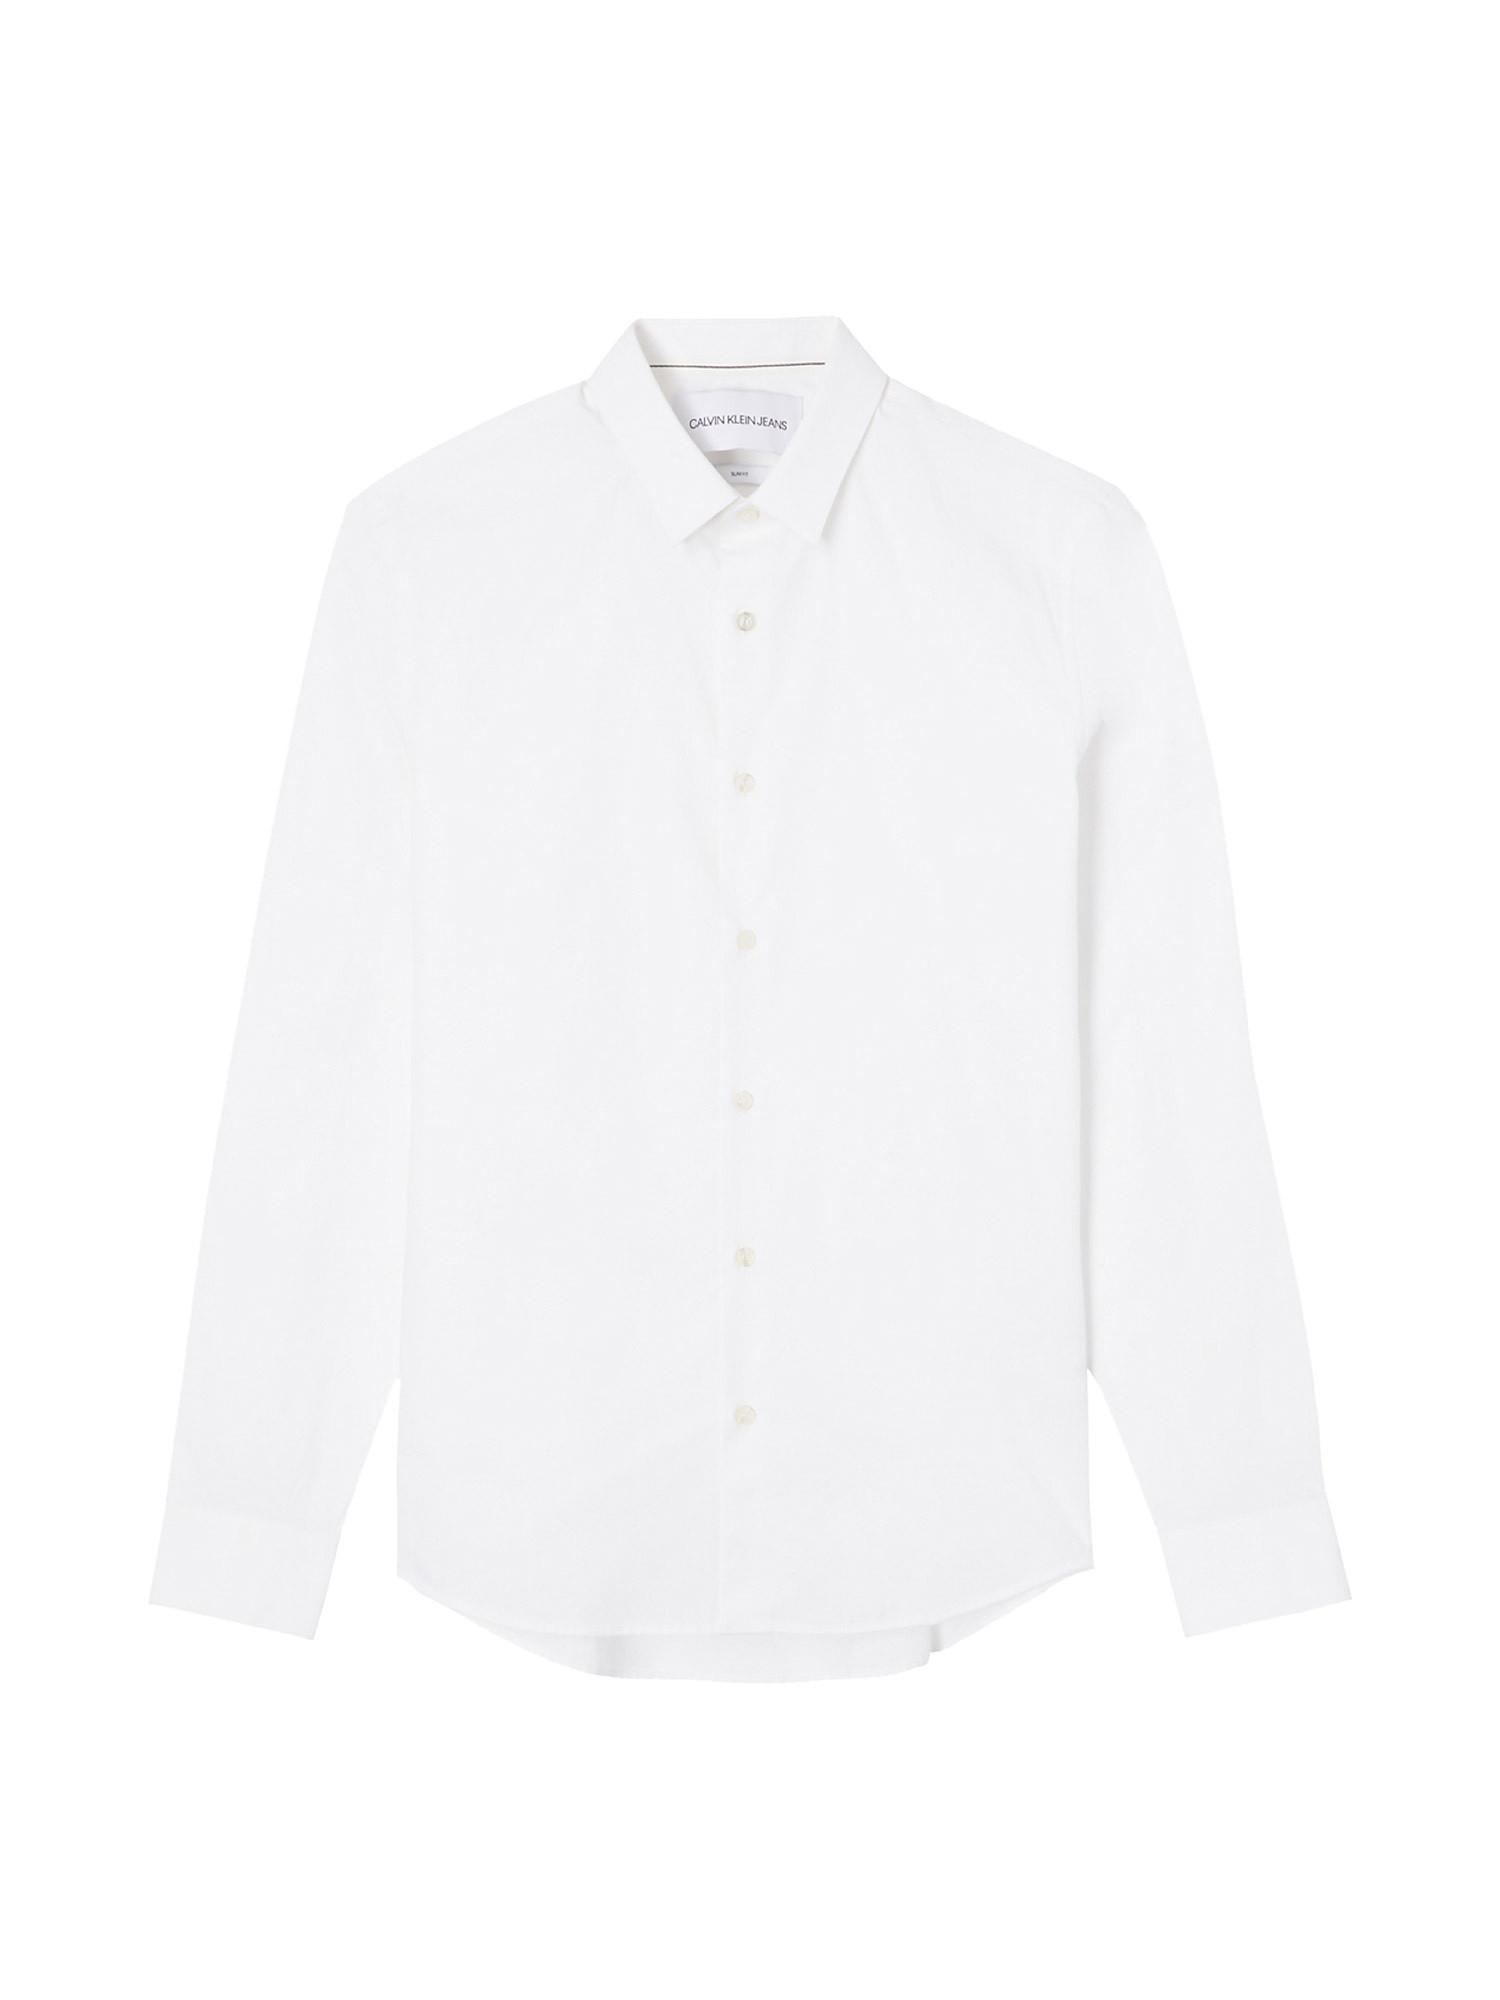 Camicia in cotone elasticizzato, Bianco, large image number 1